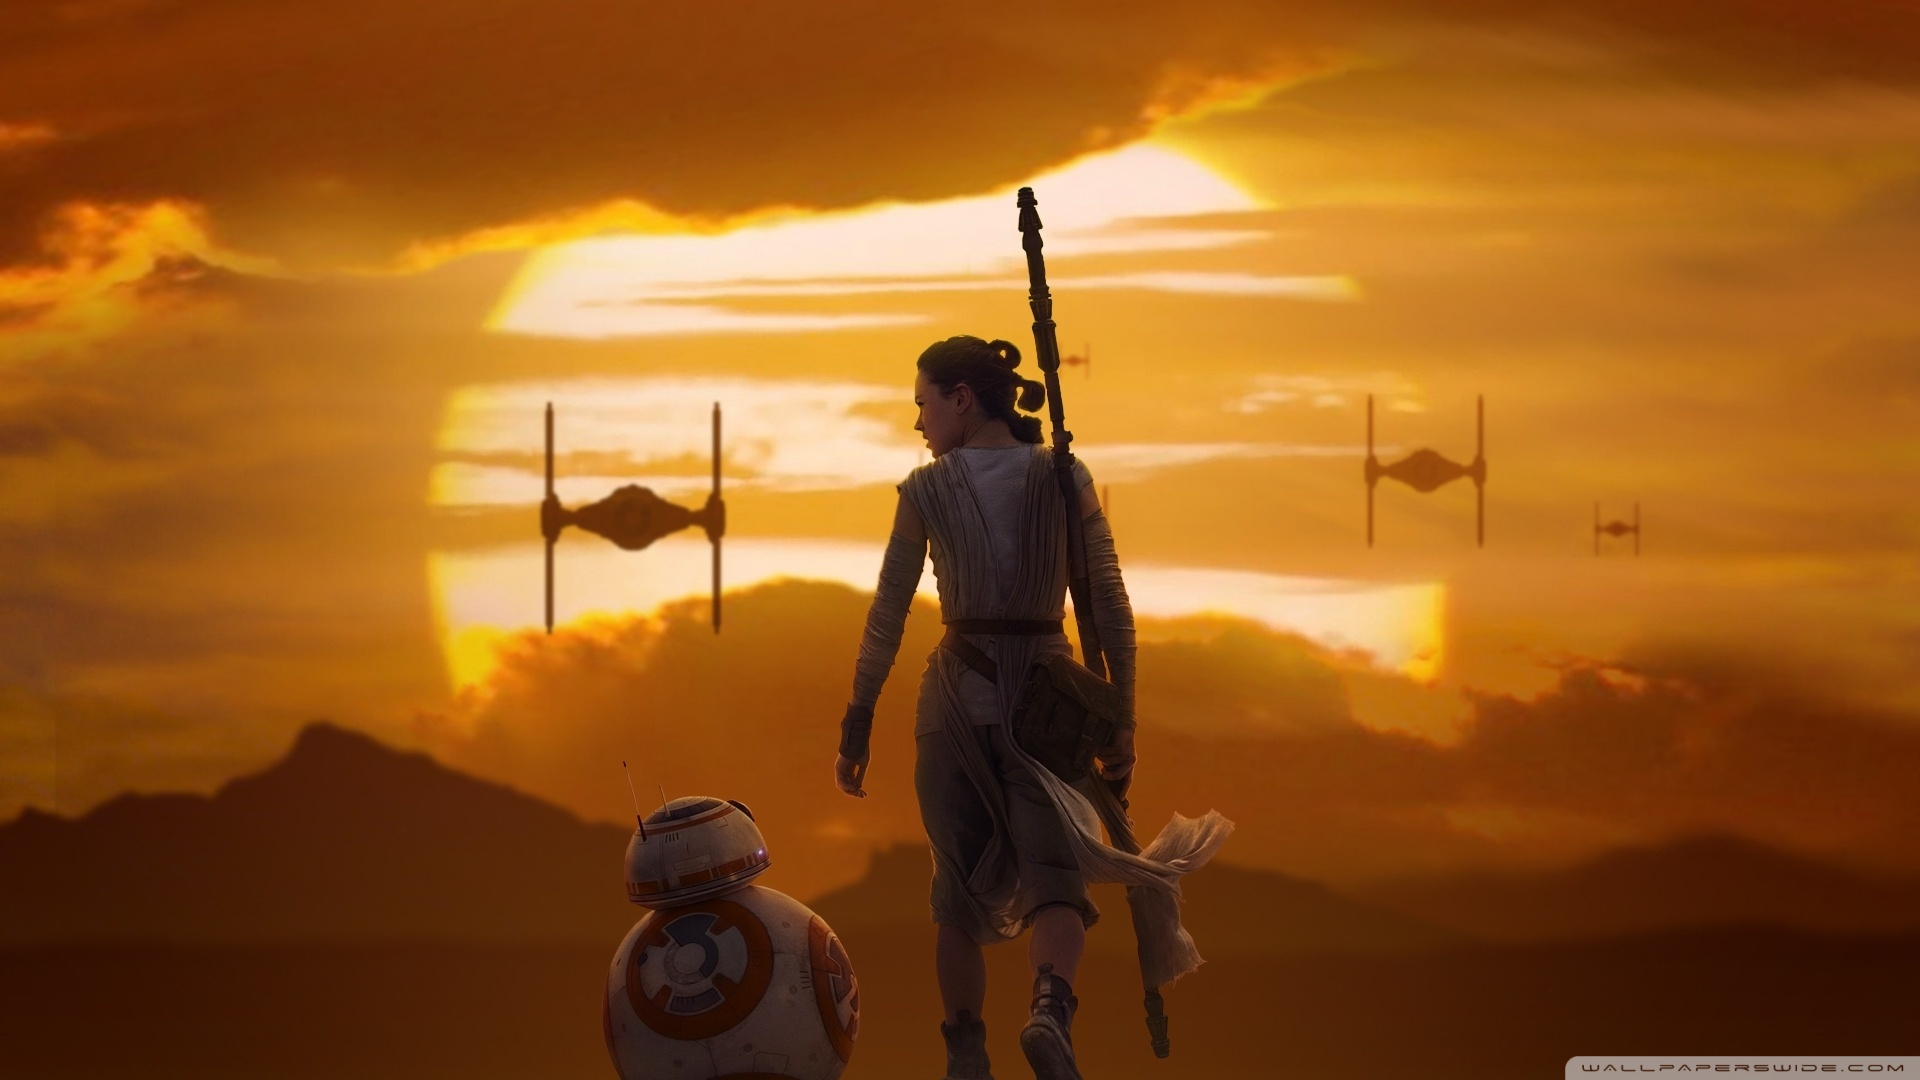 Star Wars Rey Wallpaper Hd 1920x1080 Wallpaper Teahub Io